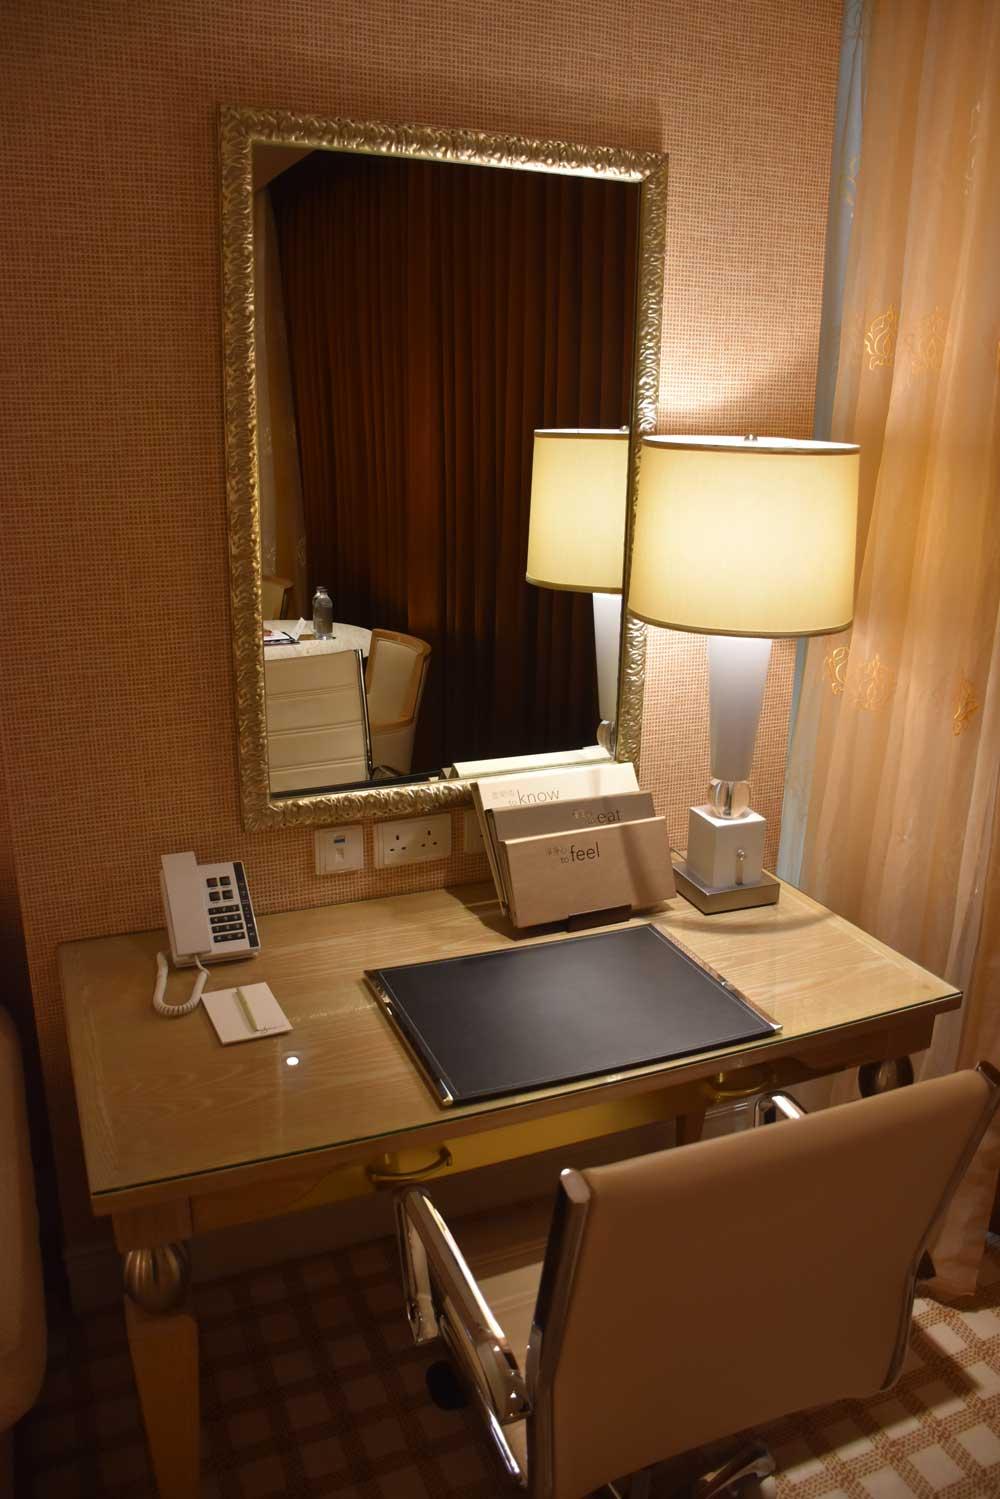 Wynn Macau Deluxe King desk